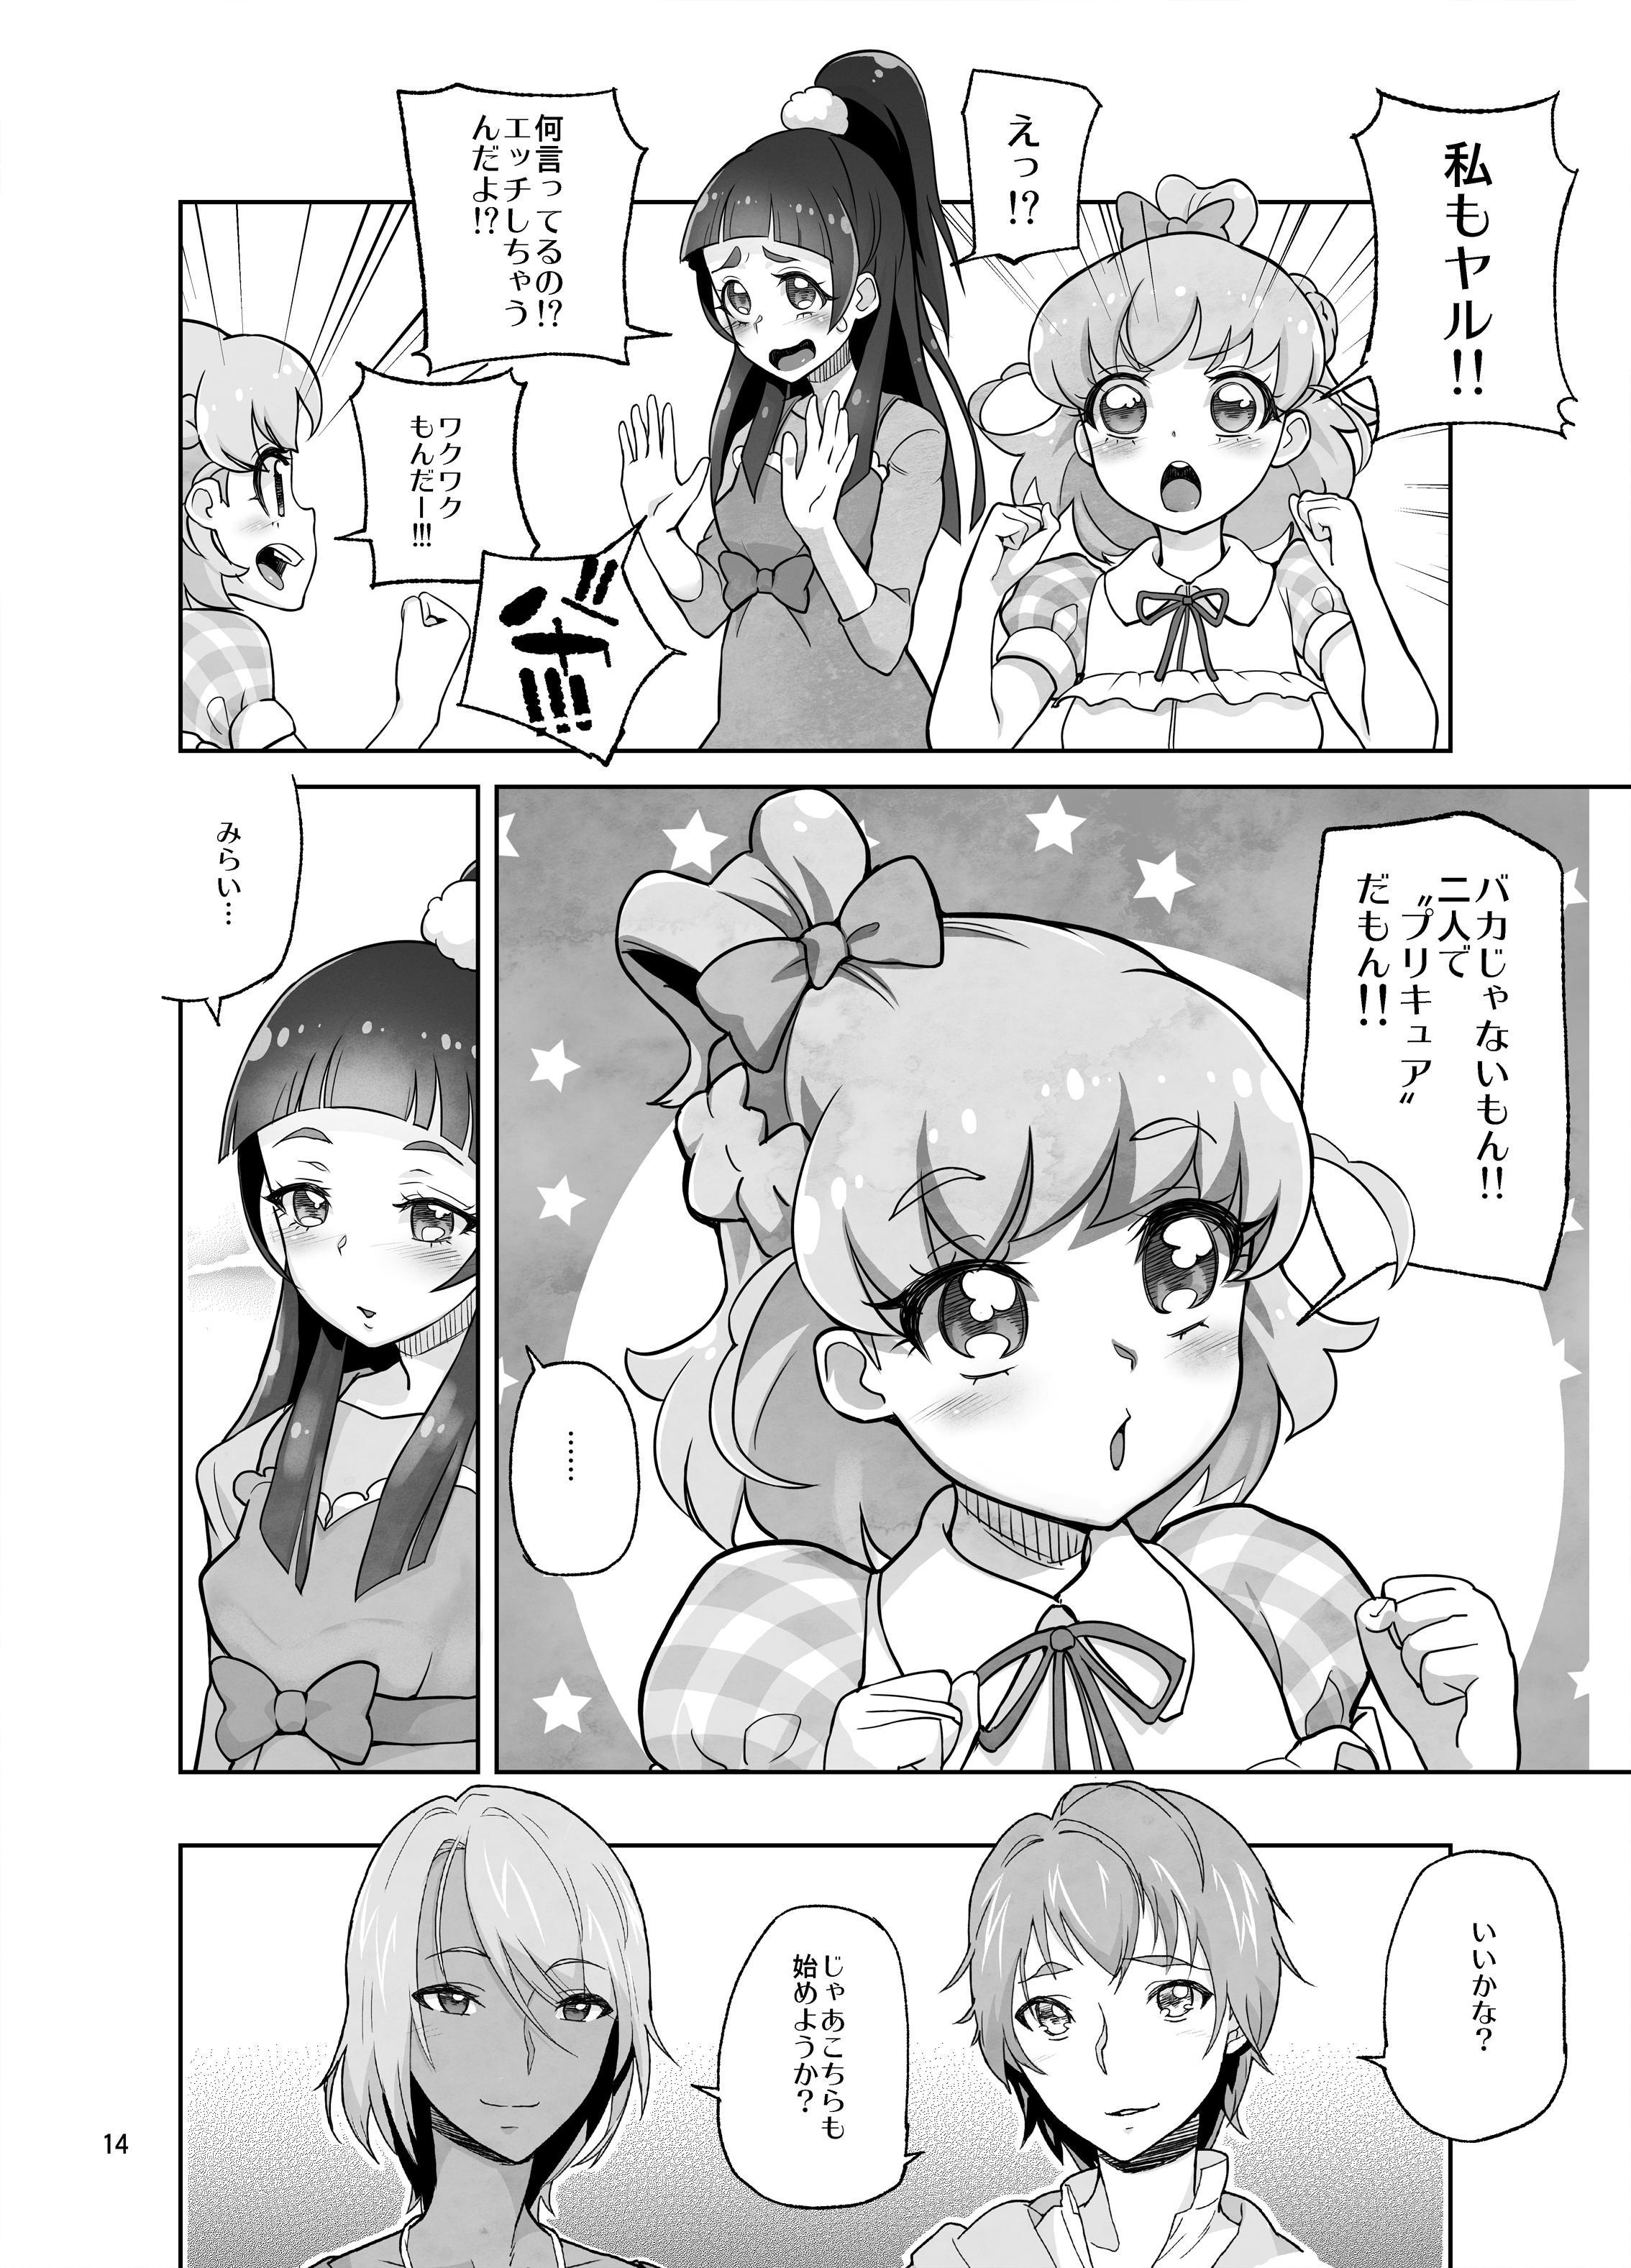 Amanogawa Kirara Riko to Mirai to Ero Nama Haishin Shoubu Anal demo Nan demo Misetekureru Choroi Namanushi ga PreCure datta Ken. 13